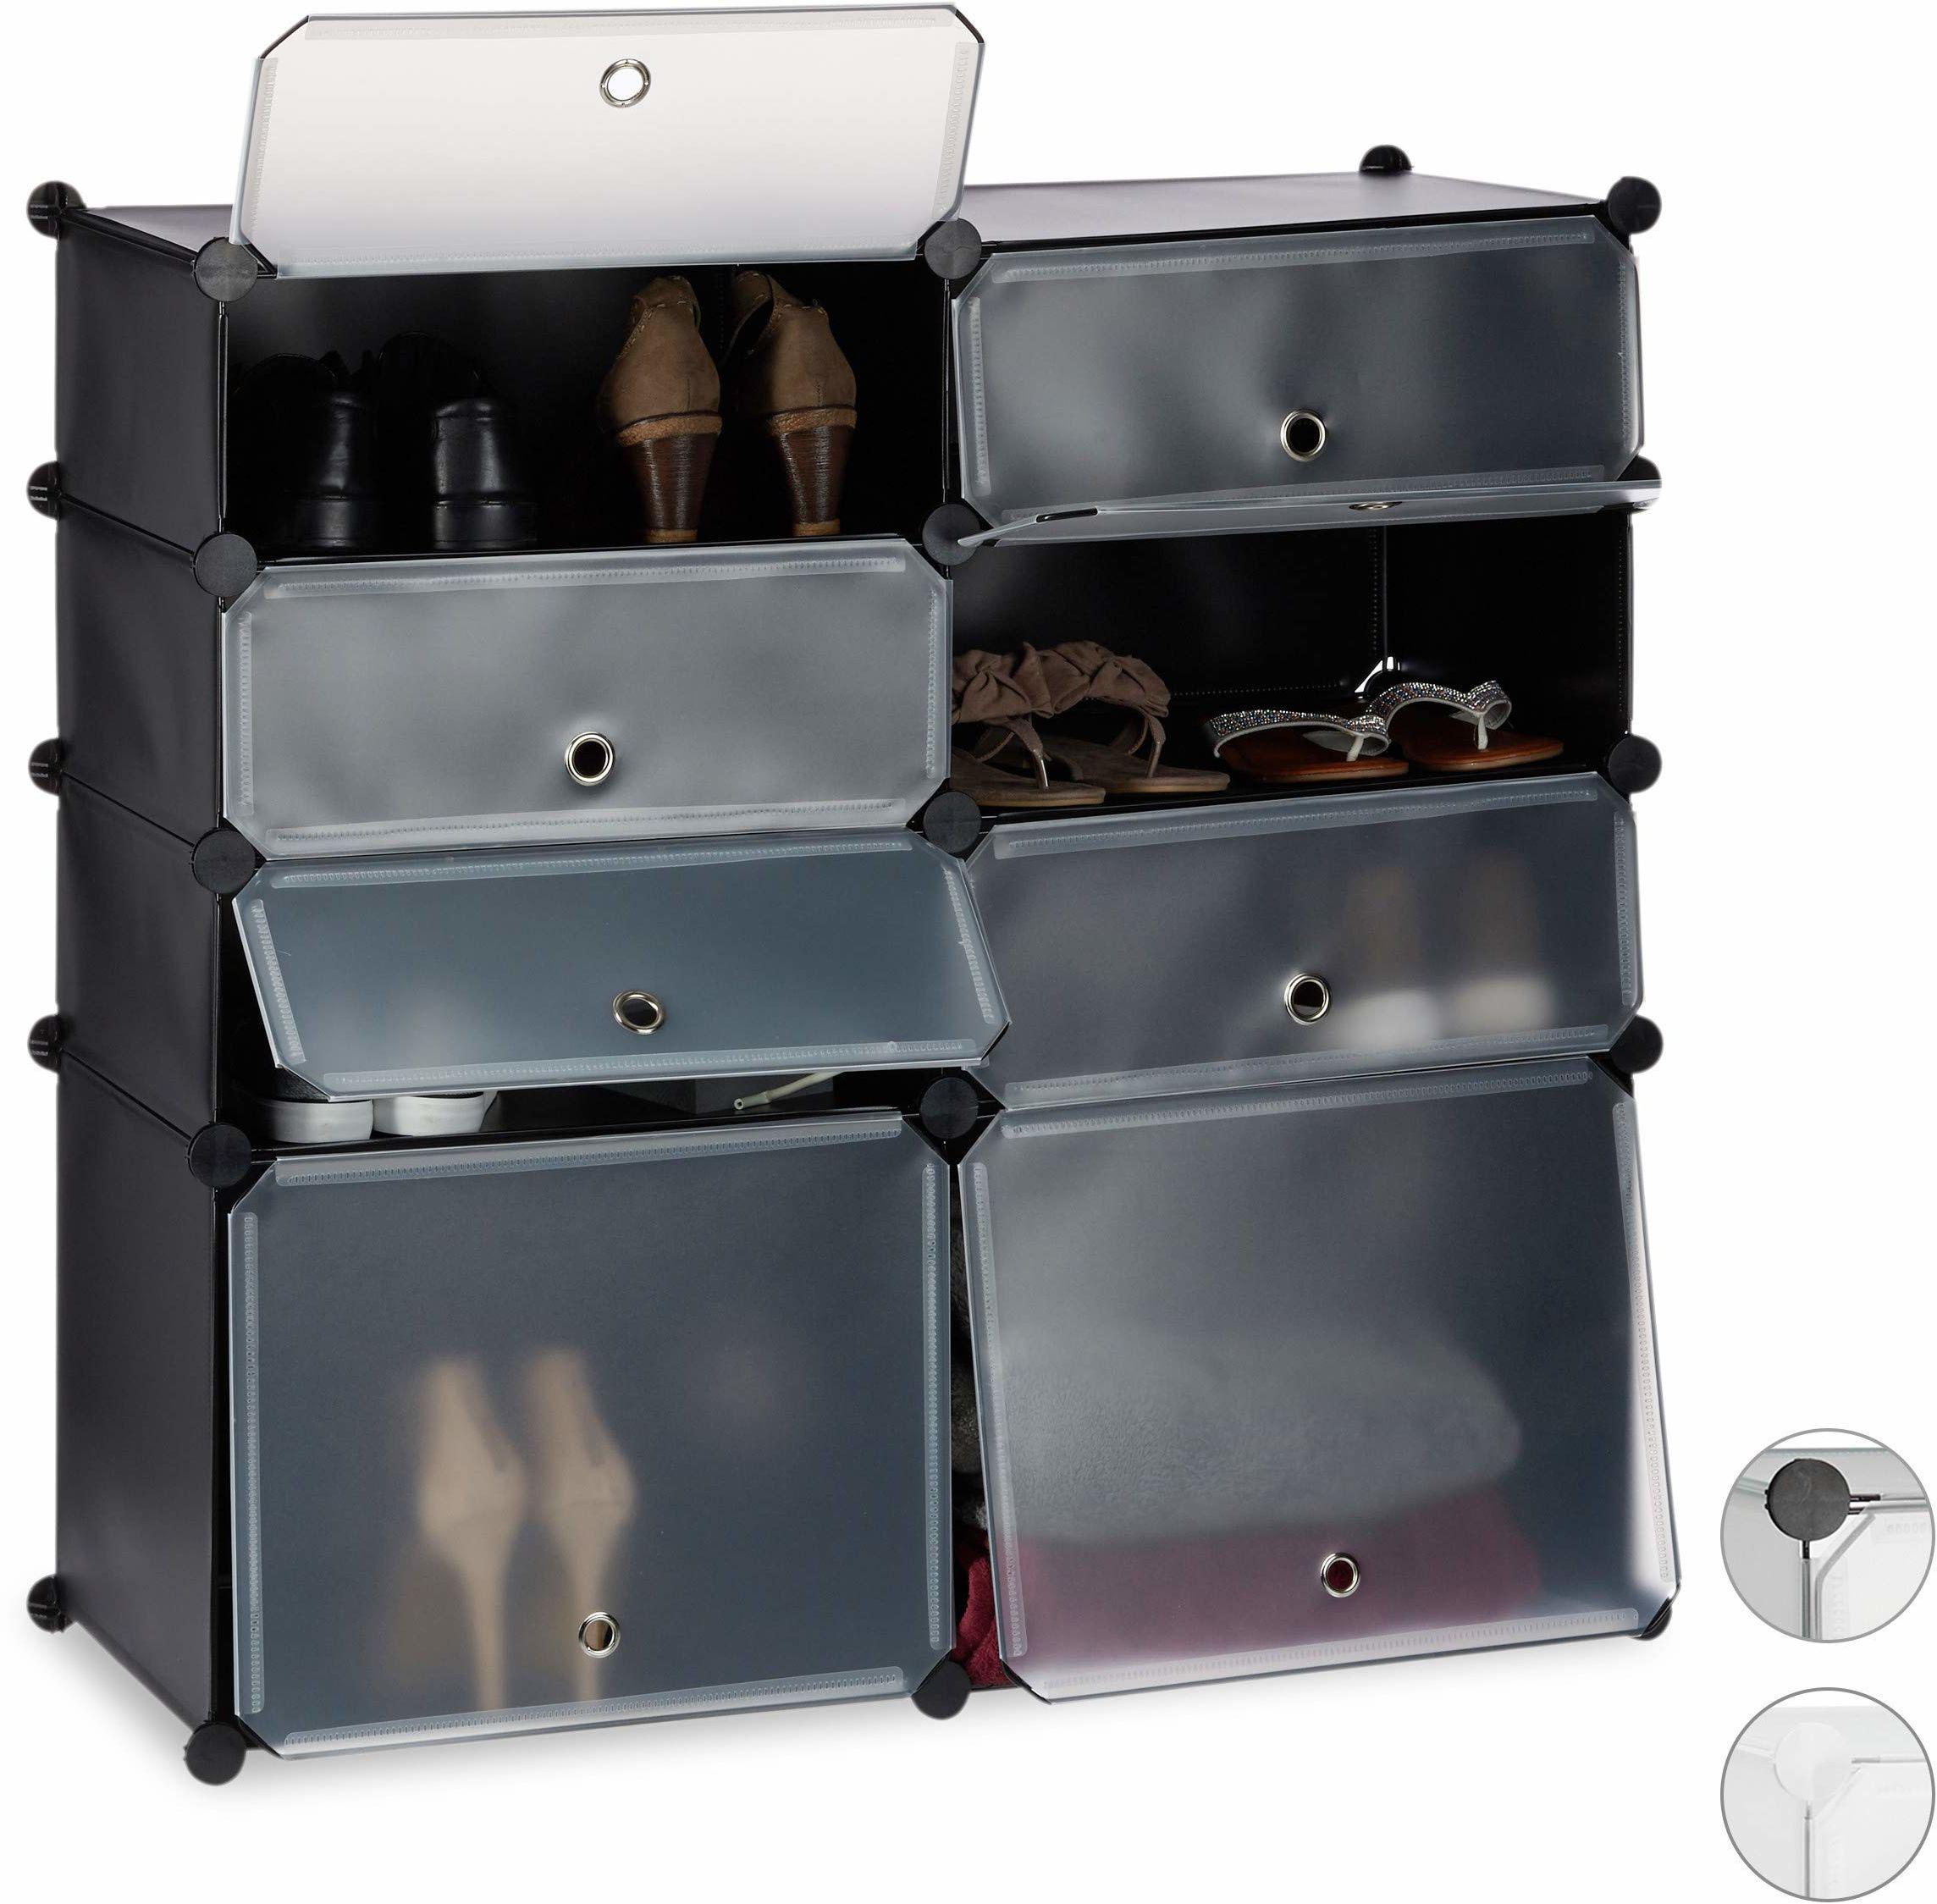 Relaxdays szafka z tworzywa sztucznego, 8 przegródek na buty, regał modułowy, czarny, 91 x 94,5 x 36,5 cm